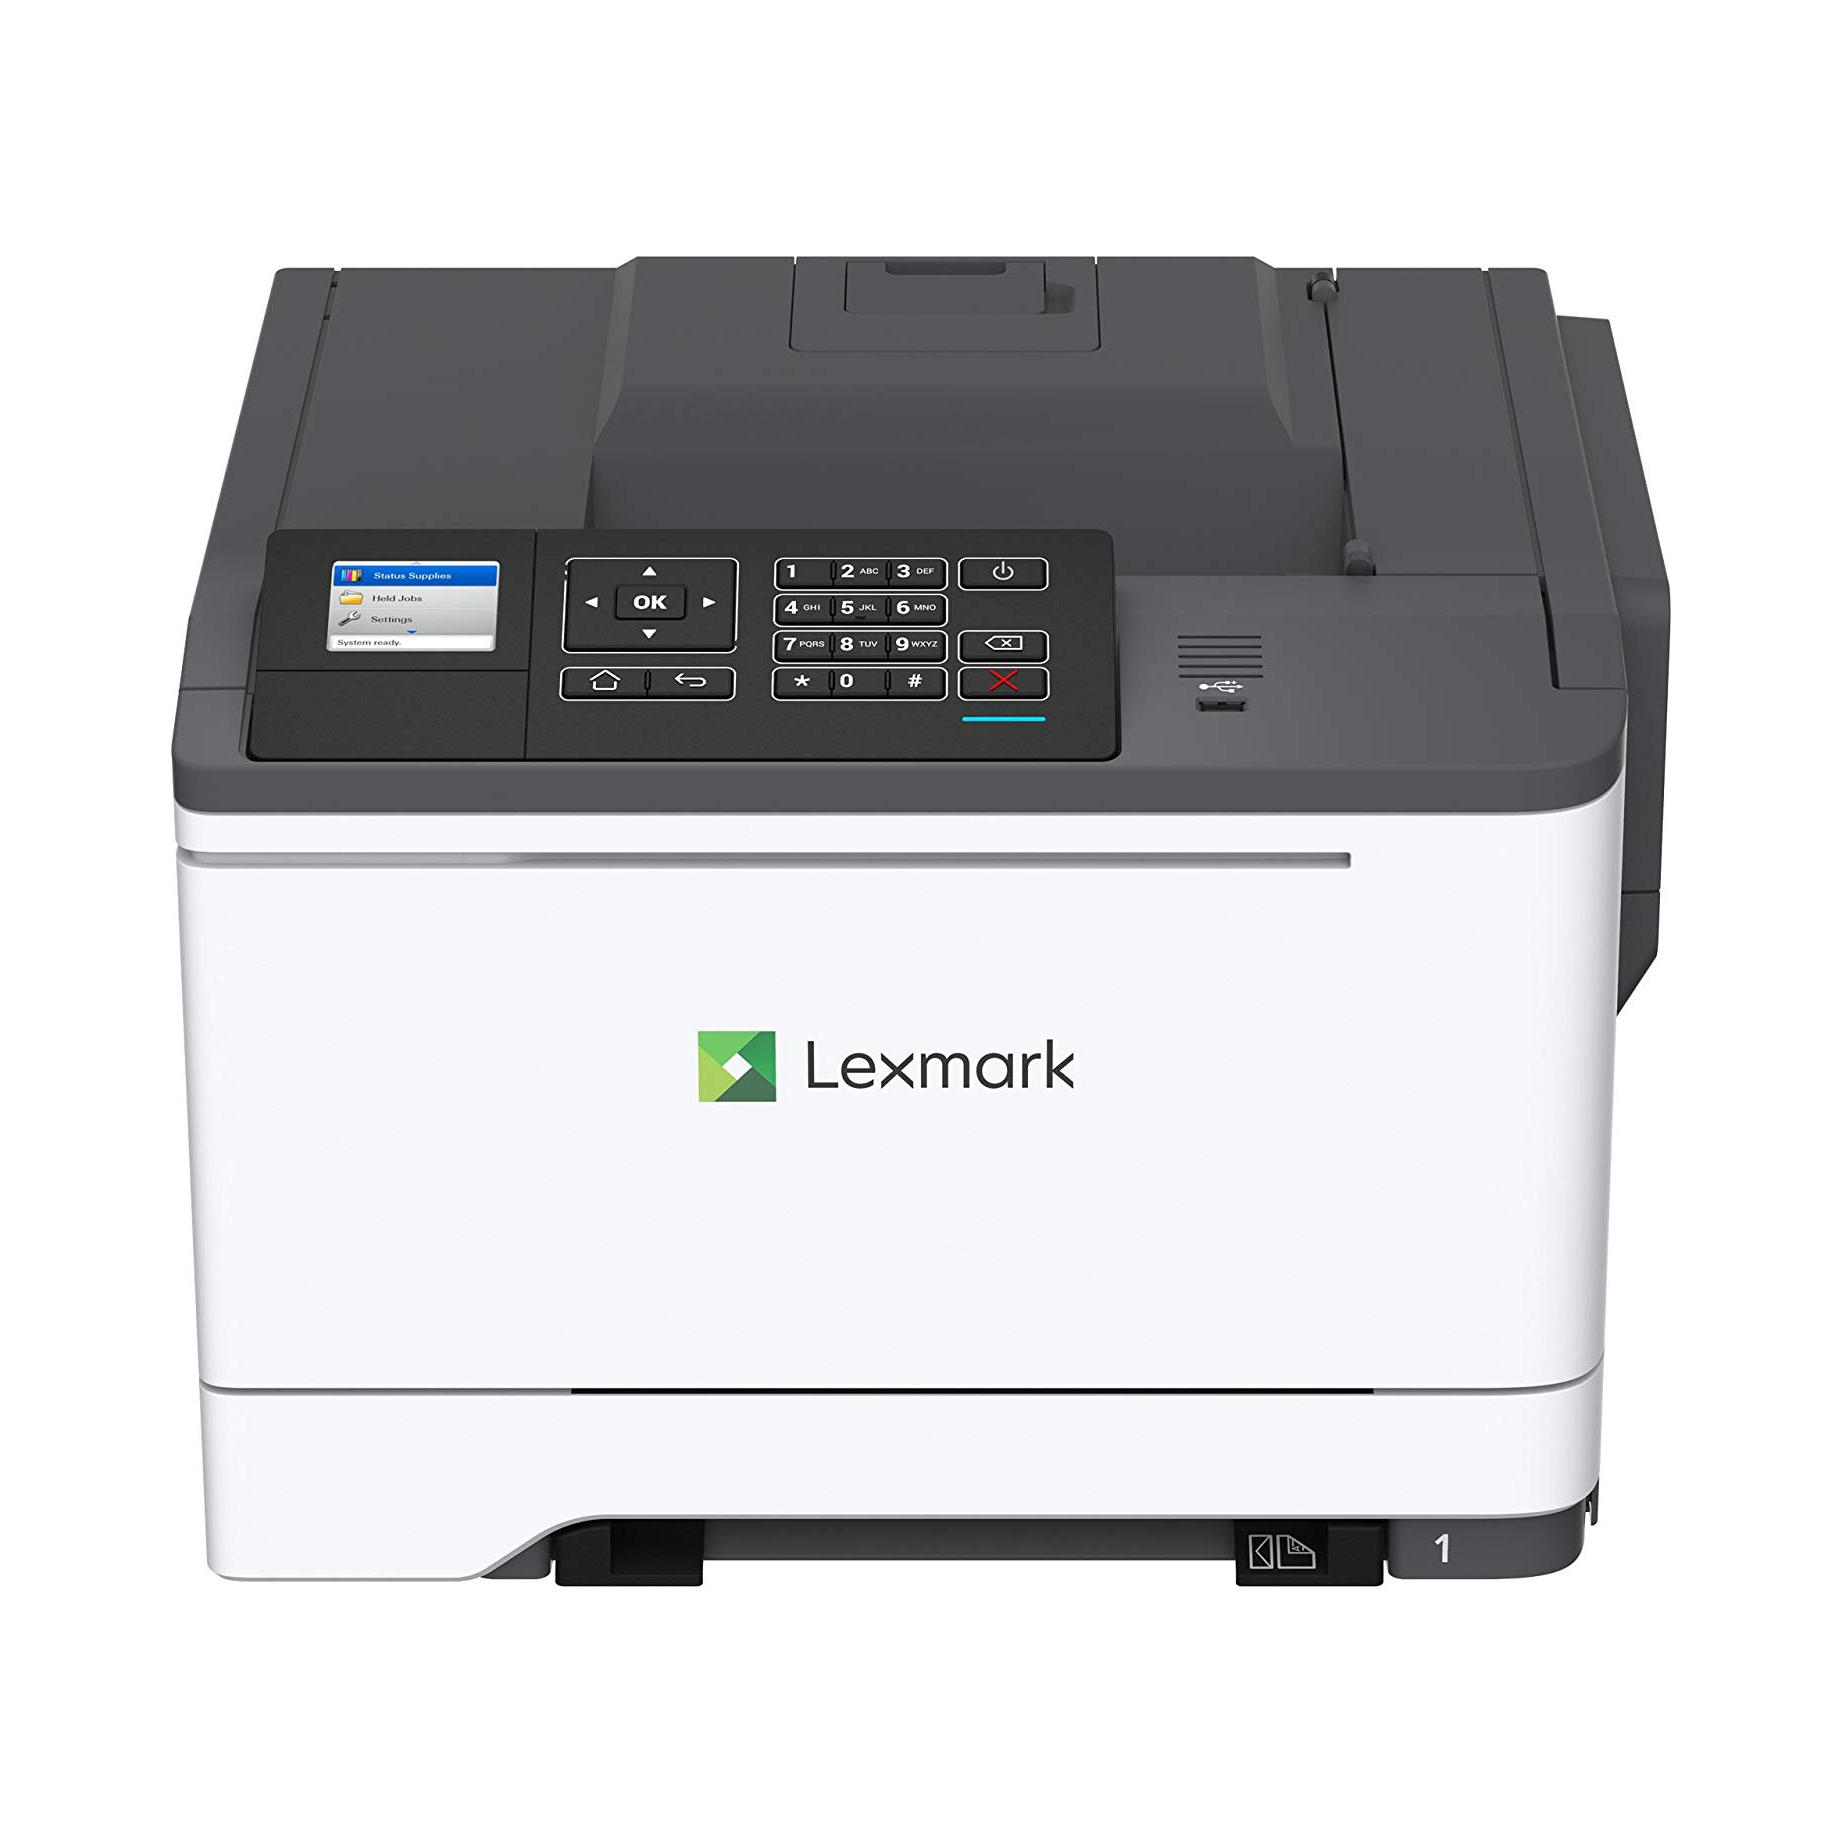 Lexmark C2425dw - Farblaserdrucker